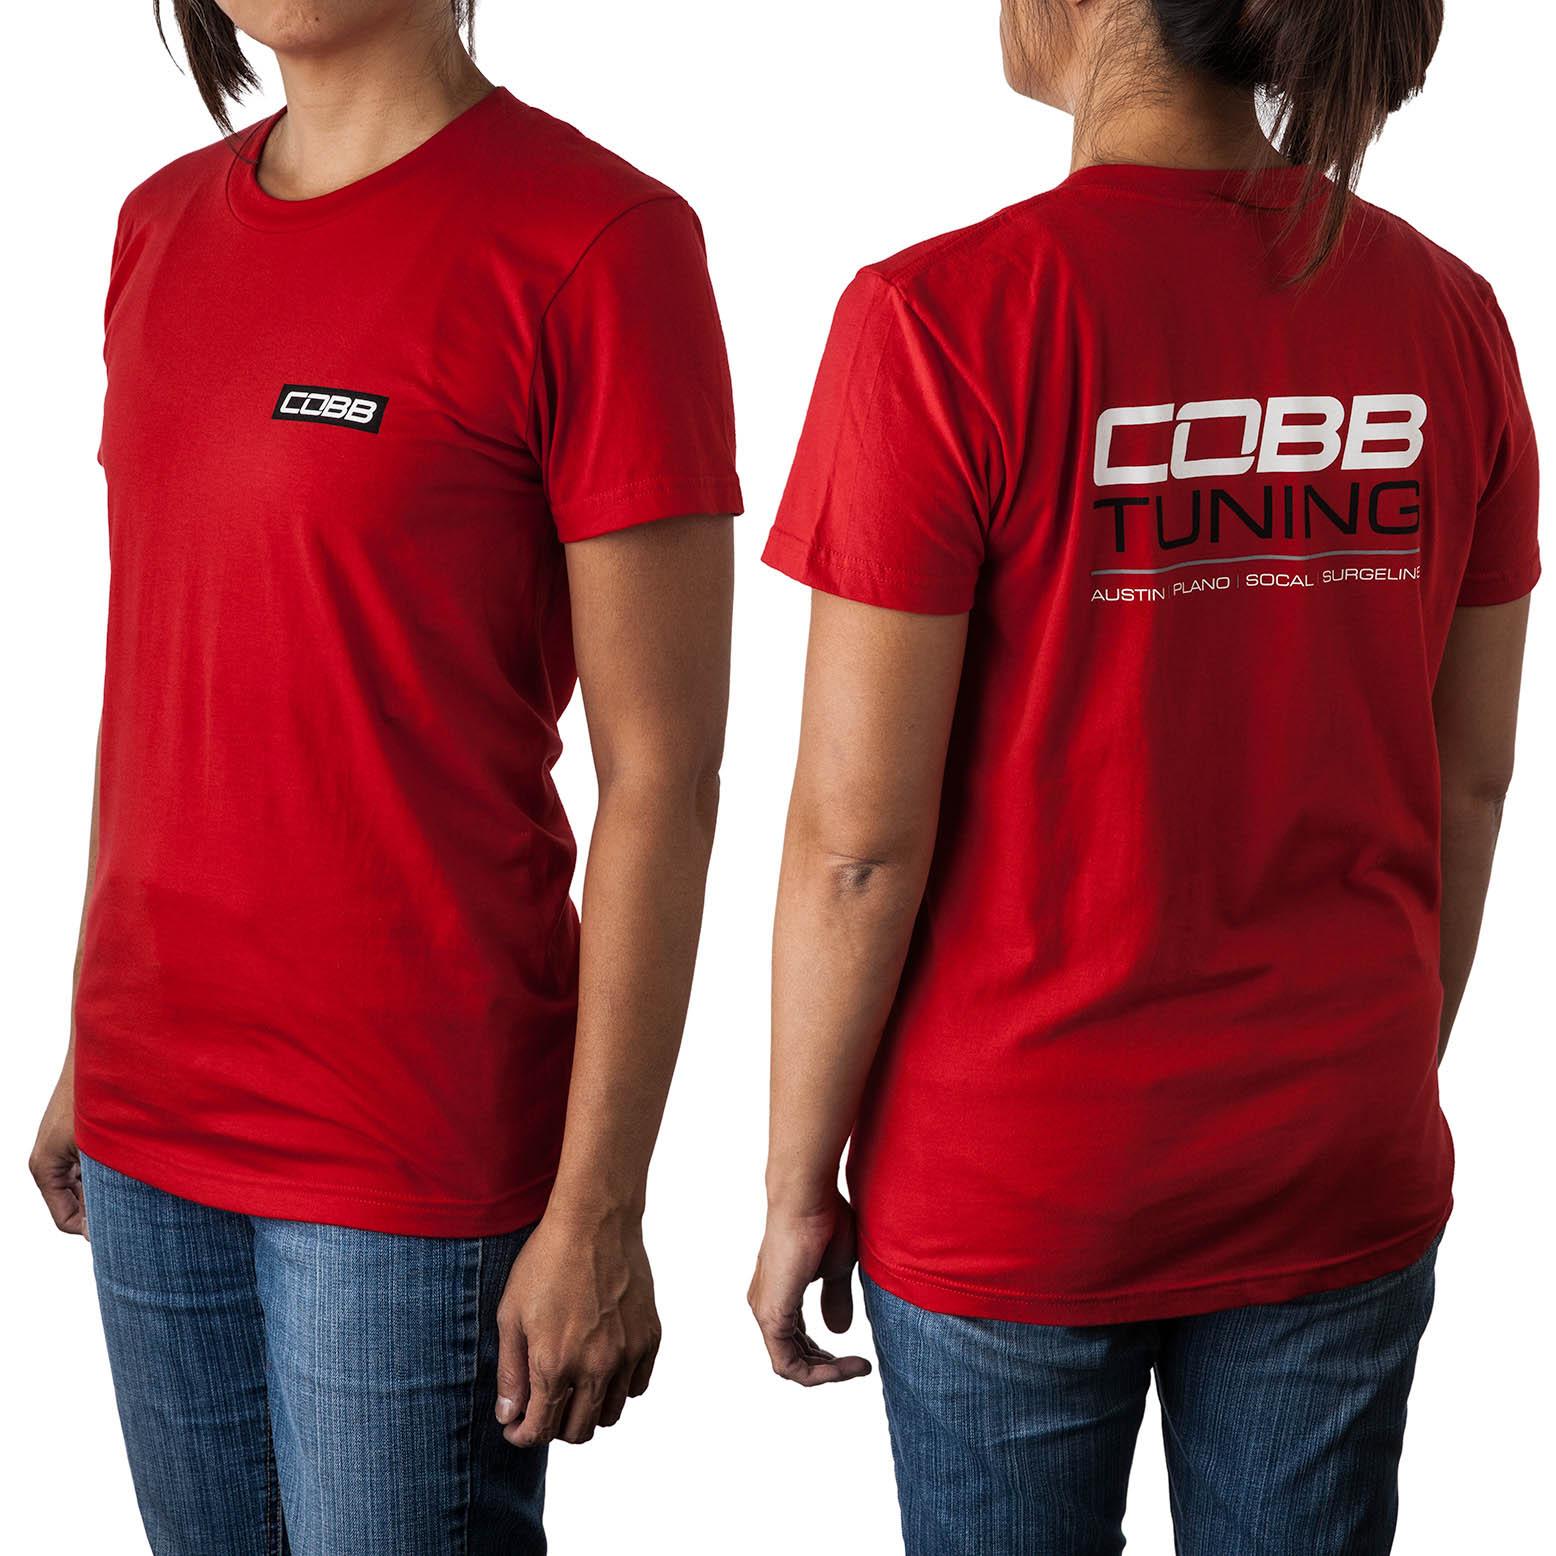 COBB Tuning Shops T-Shirt - Women's Red